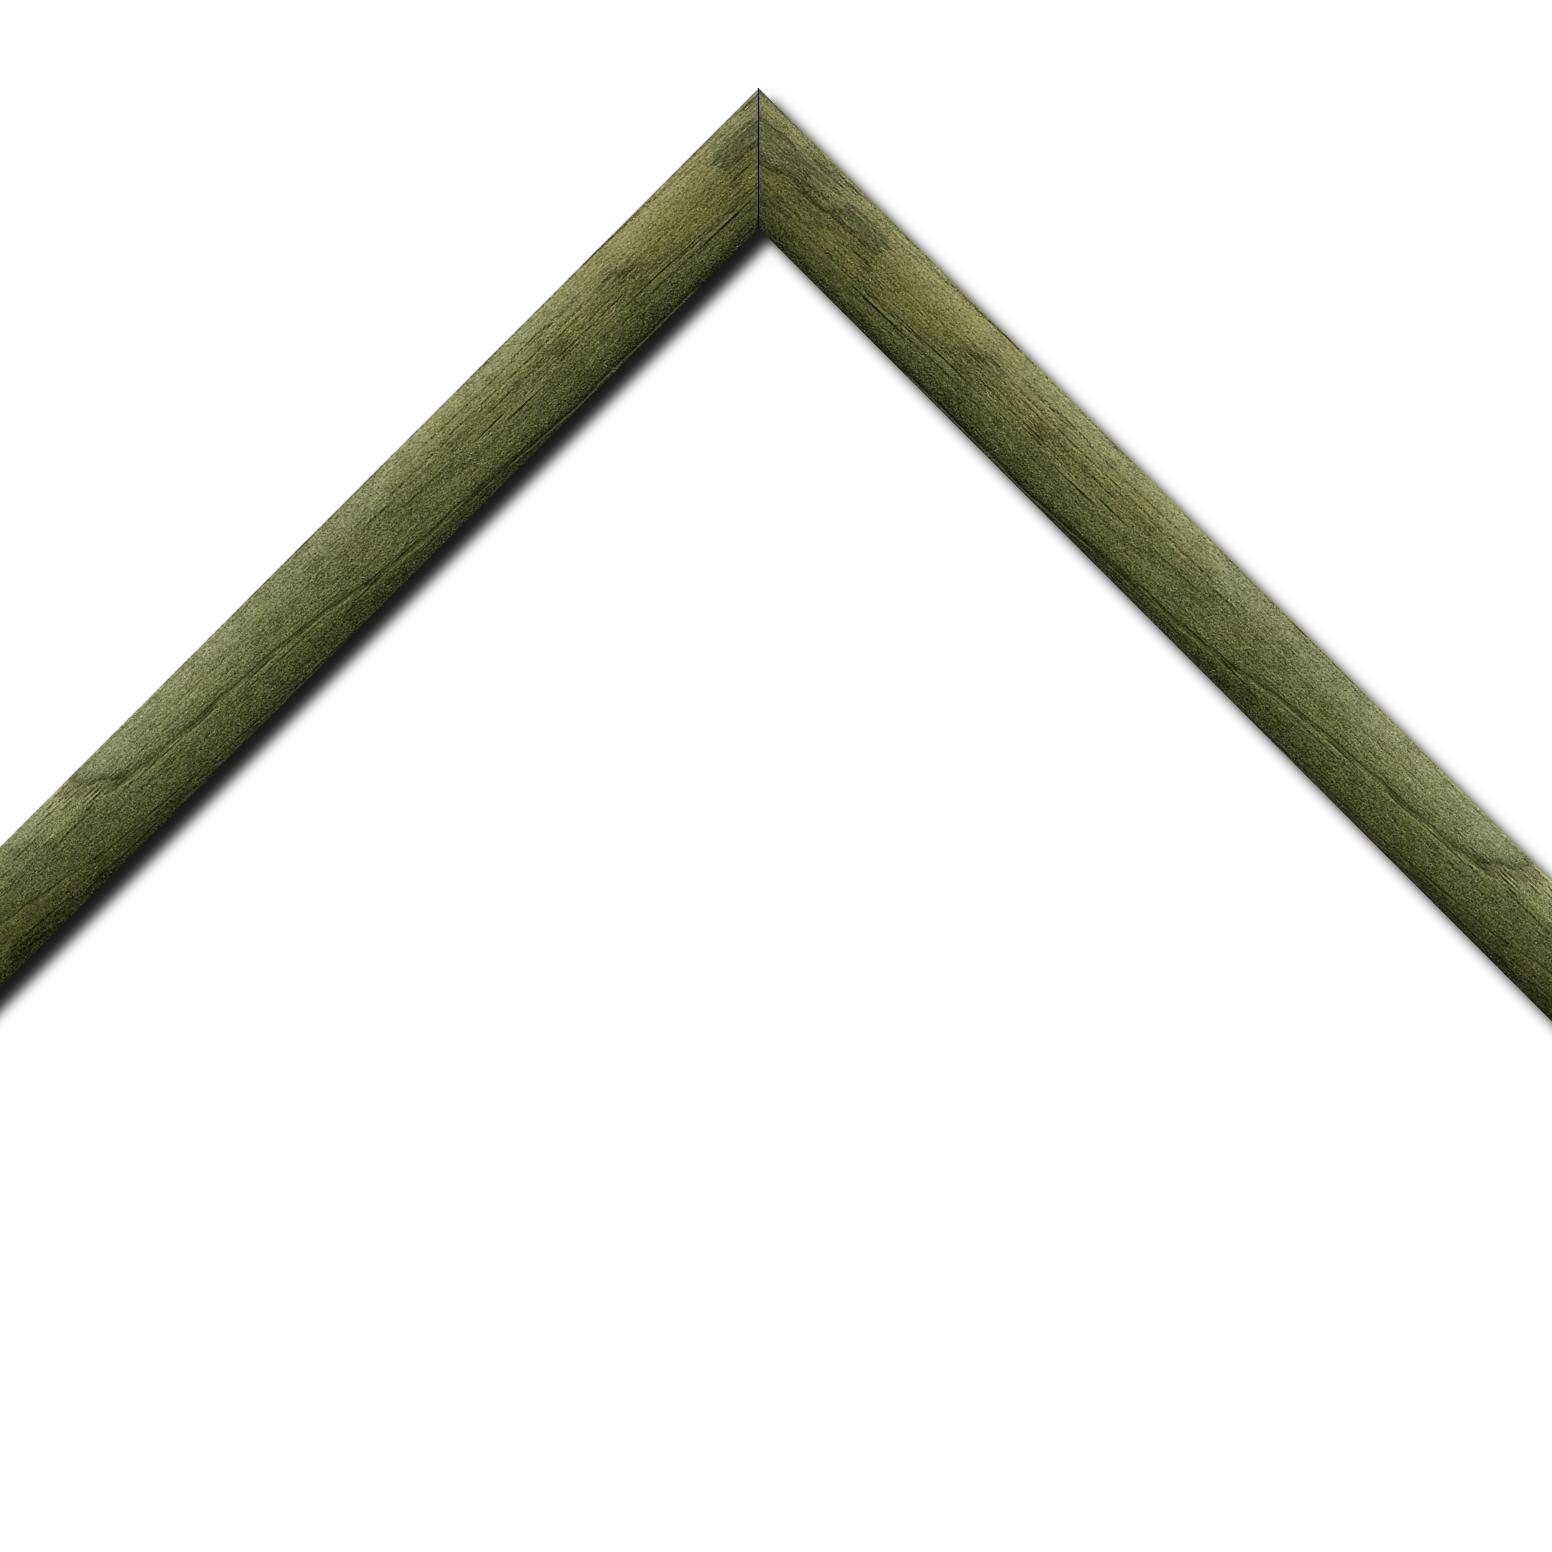 Baguette bois profil arrondi en pente plongeant largeur 2.4cm couleur vert sapin finition vernis brillant,veine du bois  apparent (pin) ,